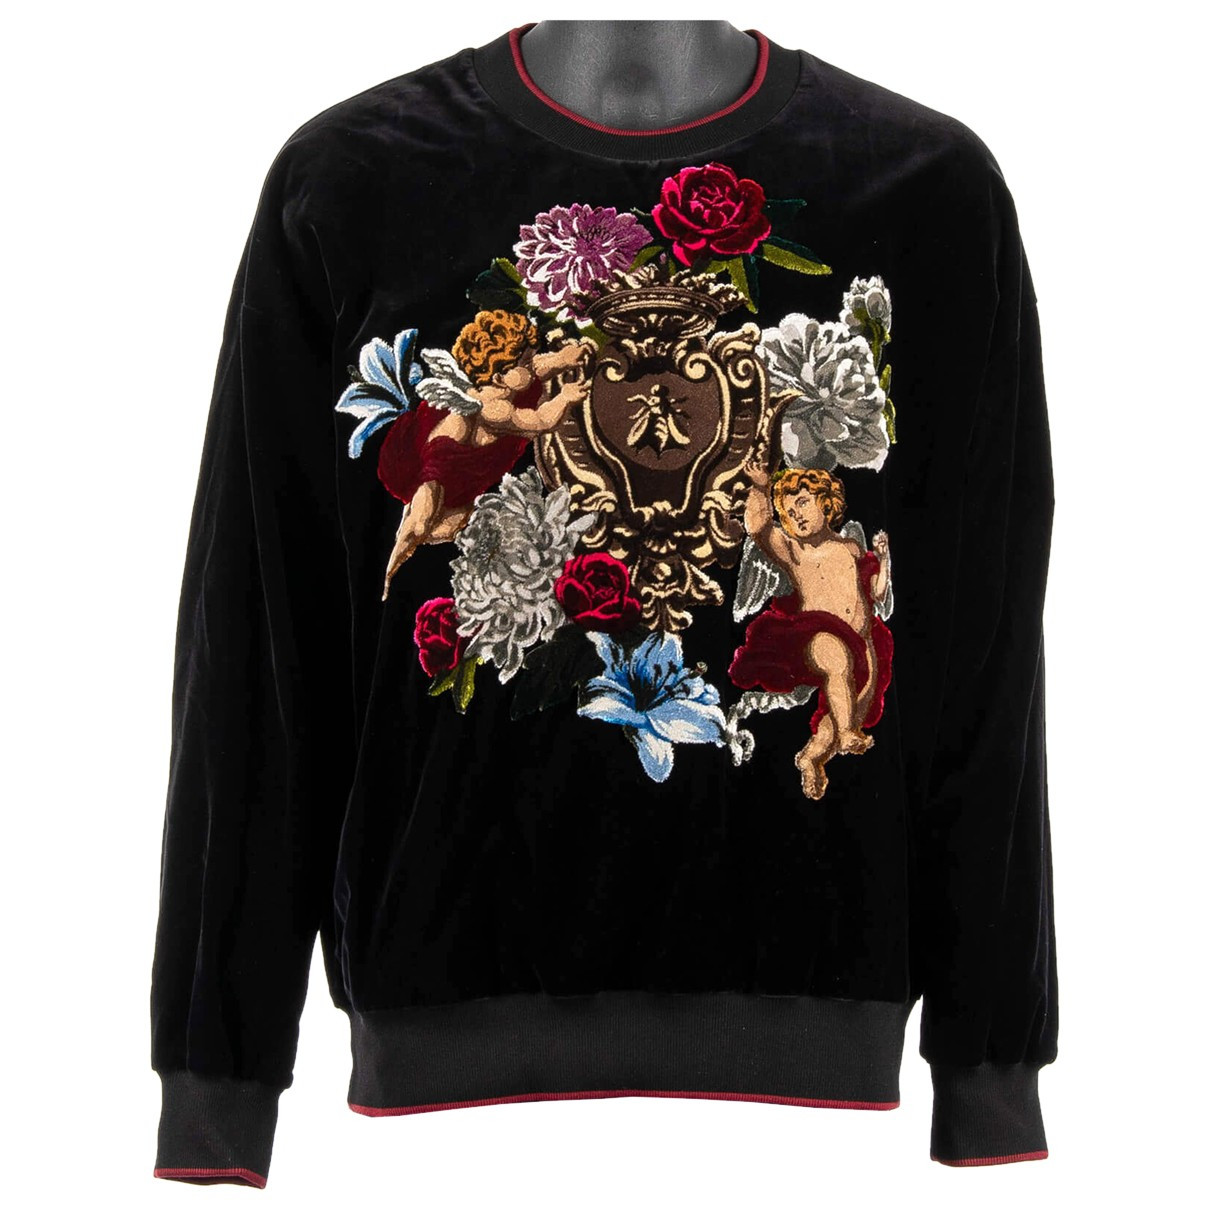 Dolce & Gabbana N Black Cotton Knitwear & Sweatshirts for Men 48 IT